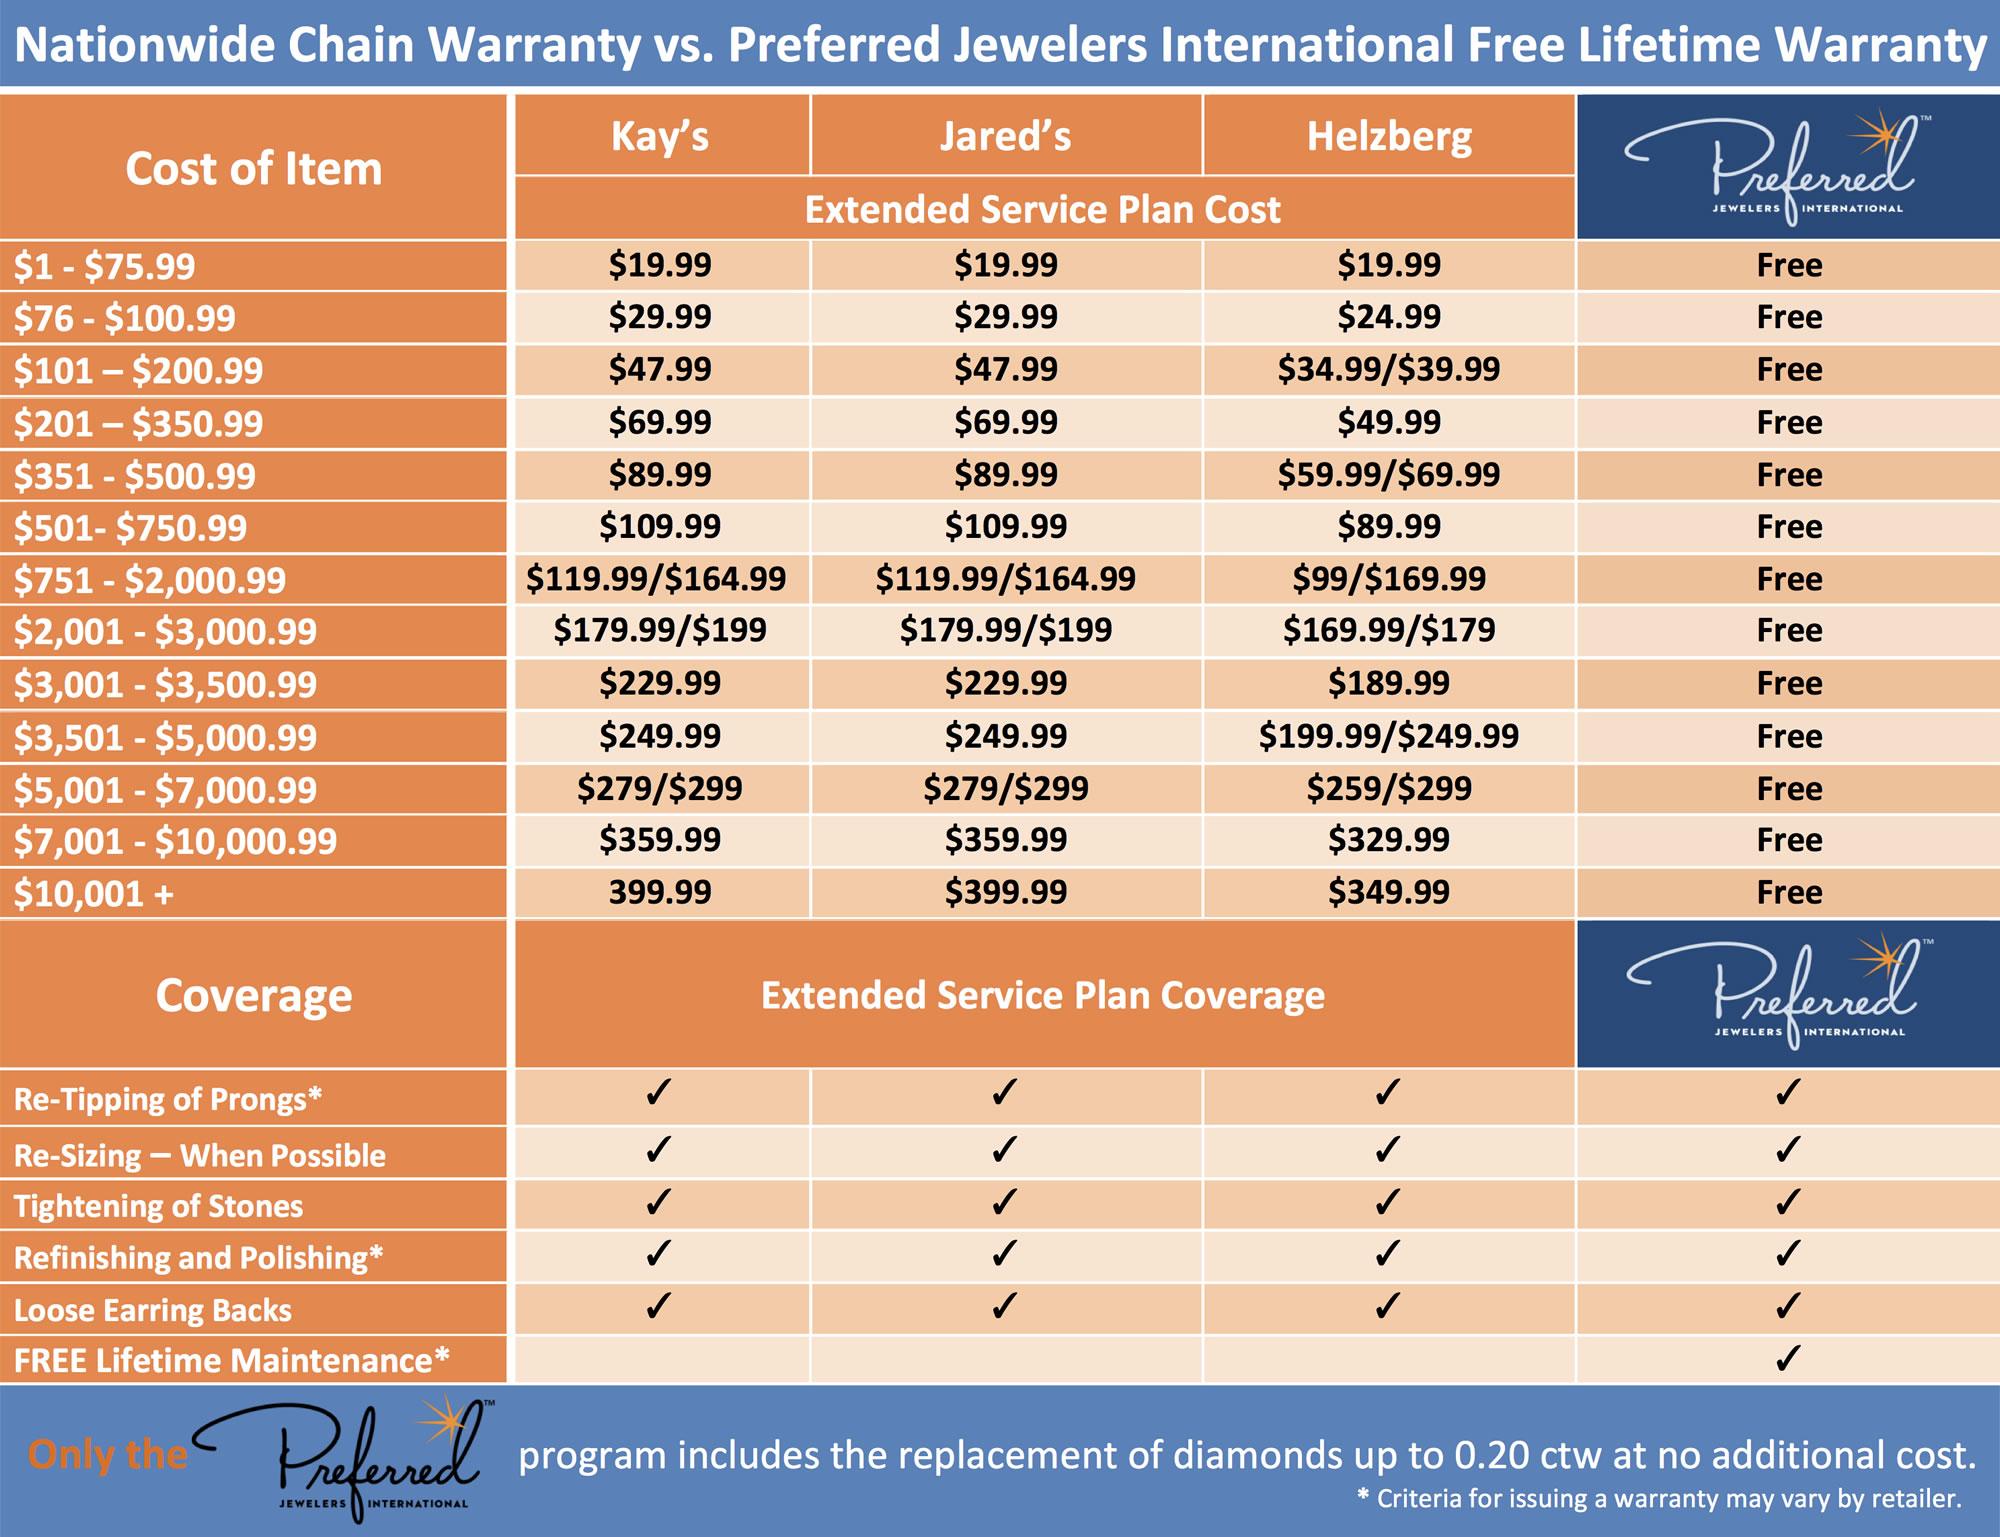 Preferred Nationwide Warranty Comparison